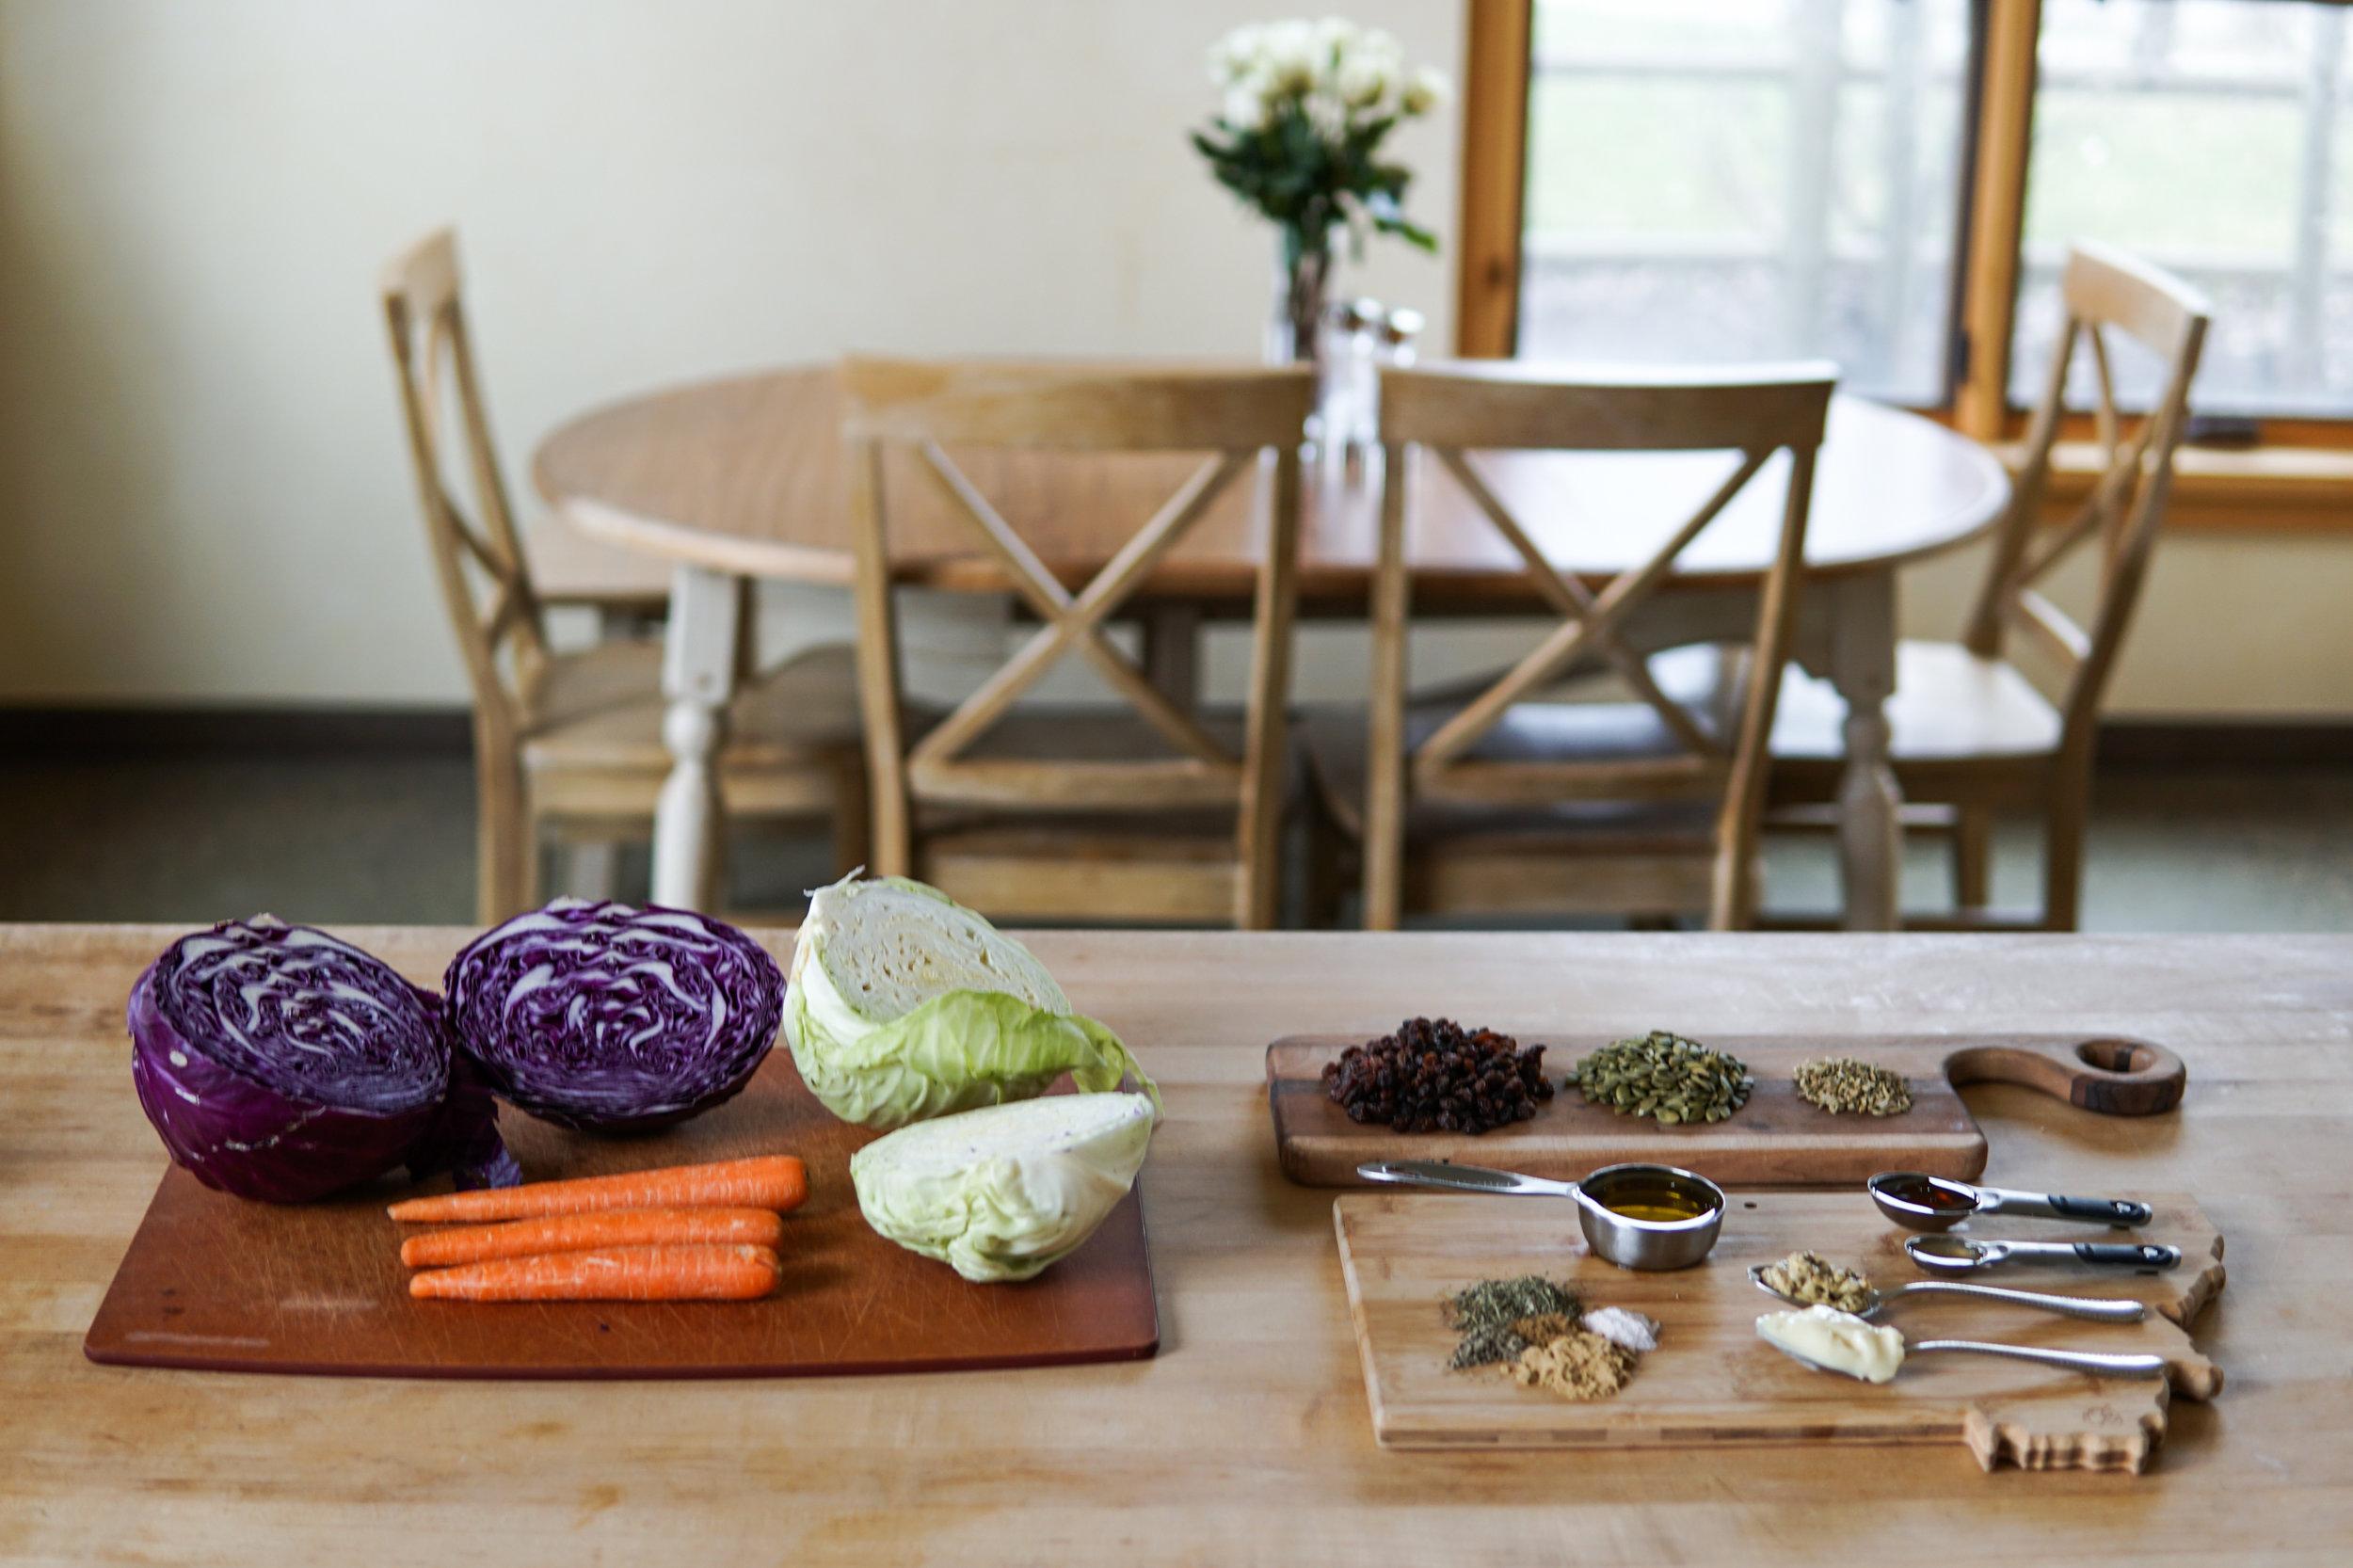 Ingredients coleslaw easy delicious healthy recipes.jpg